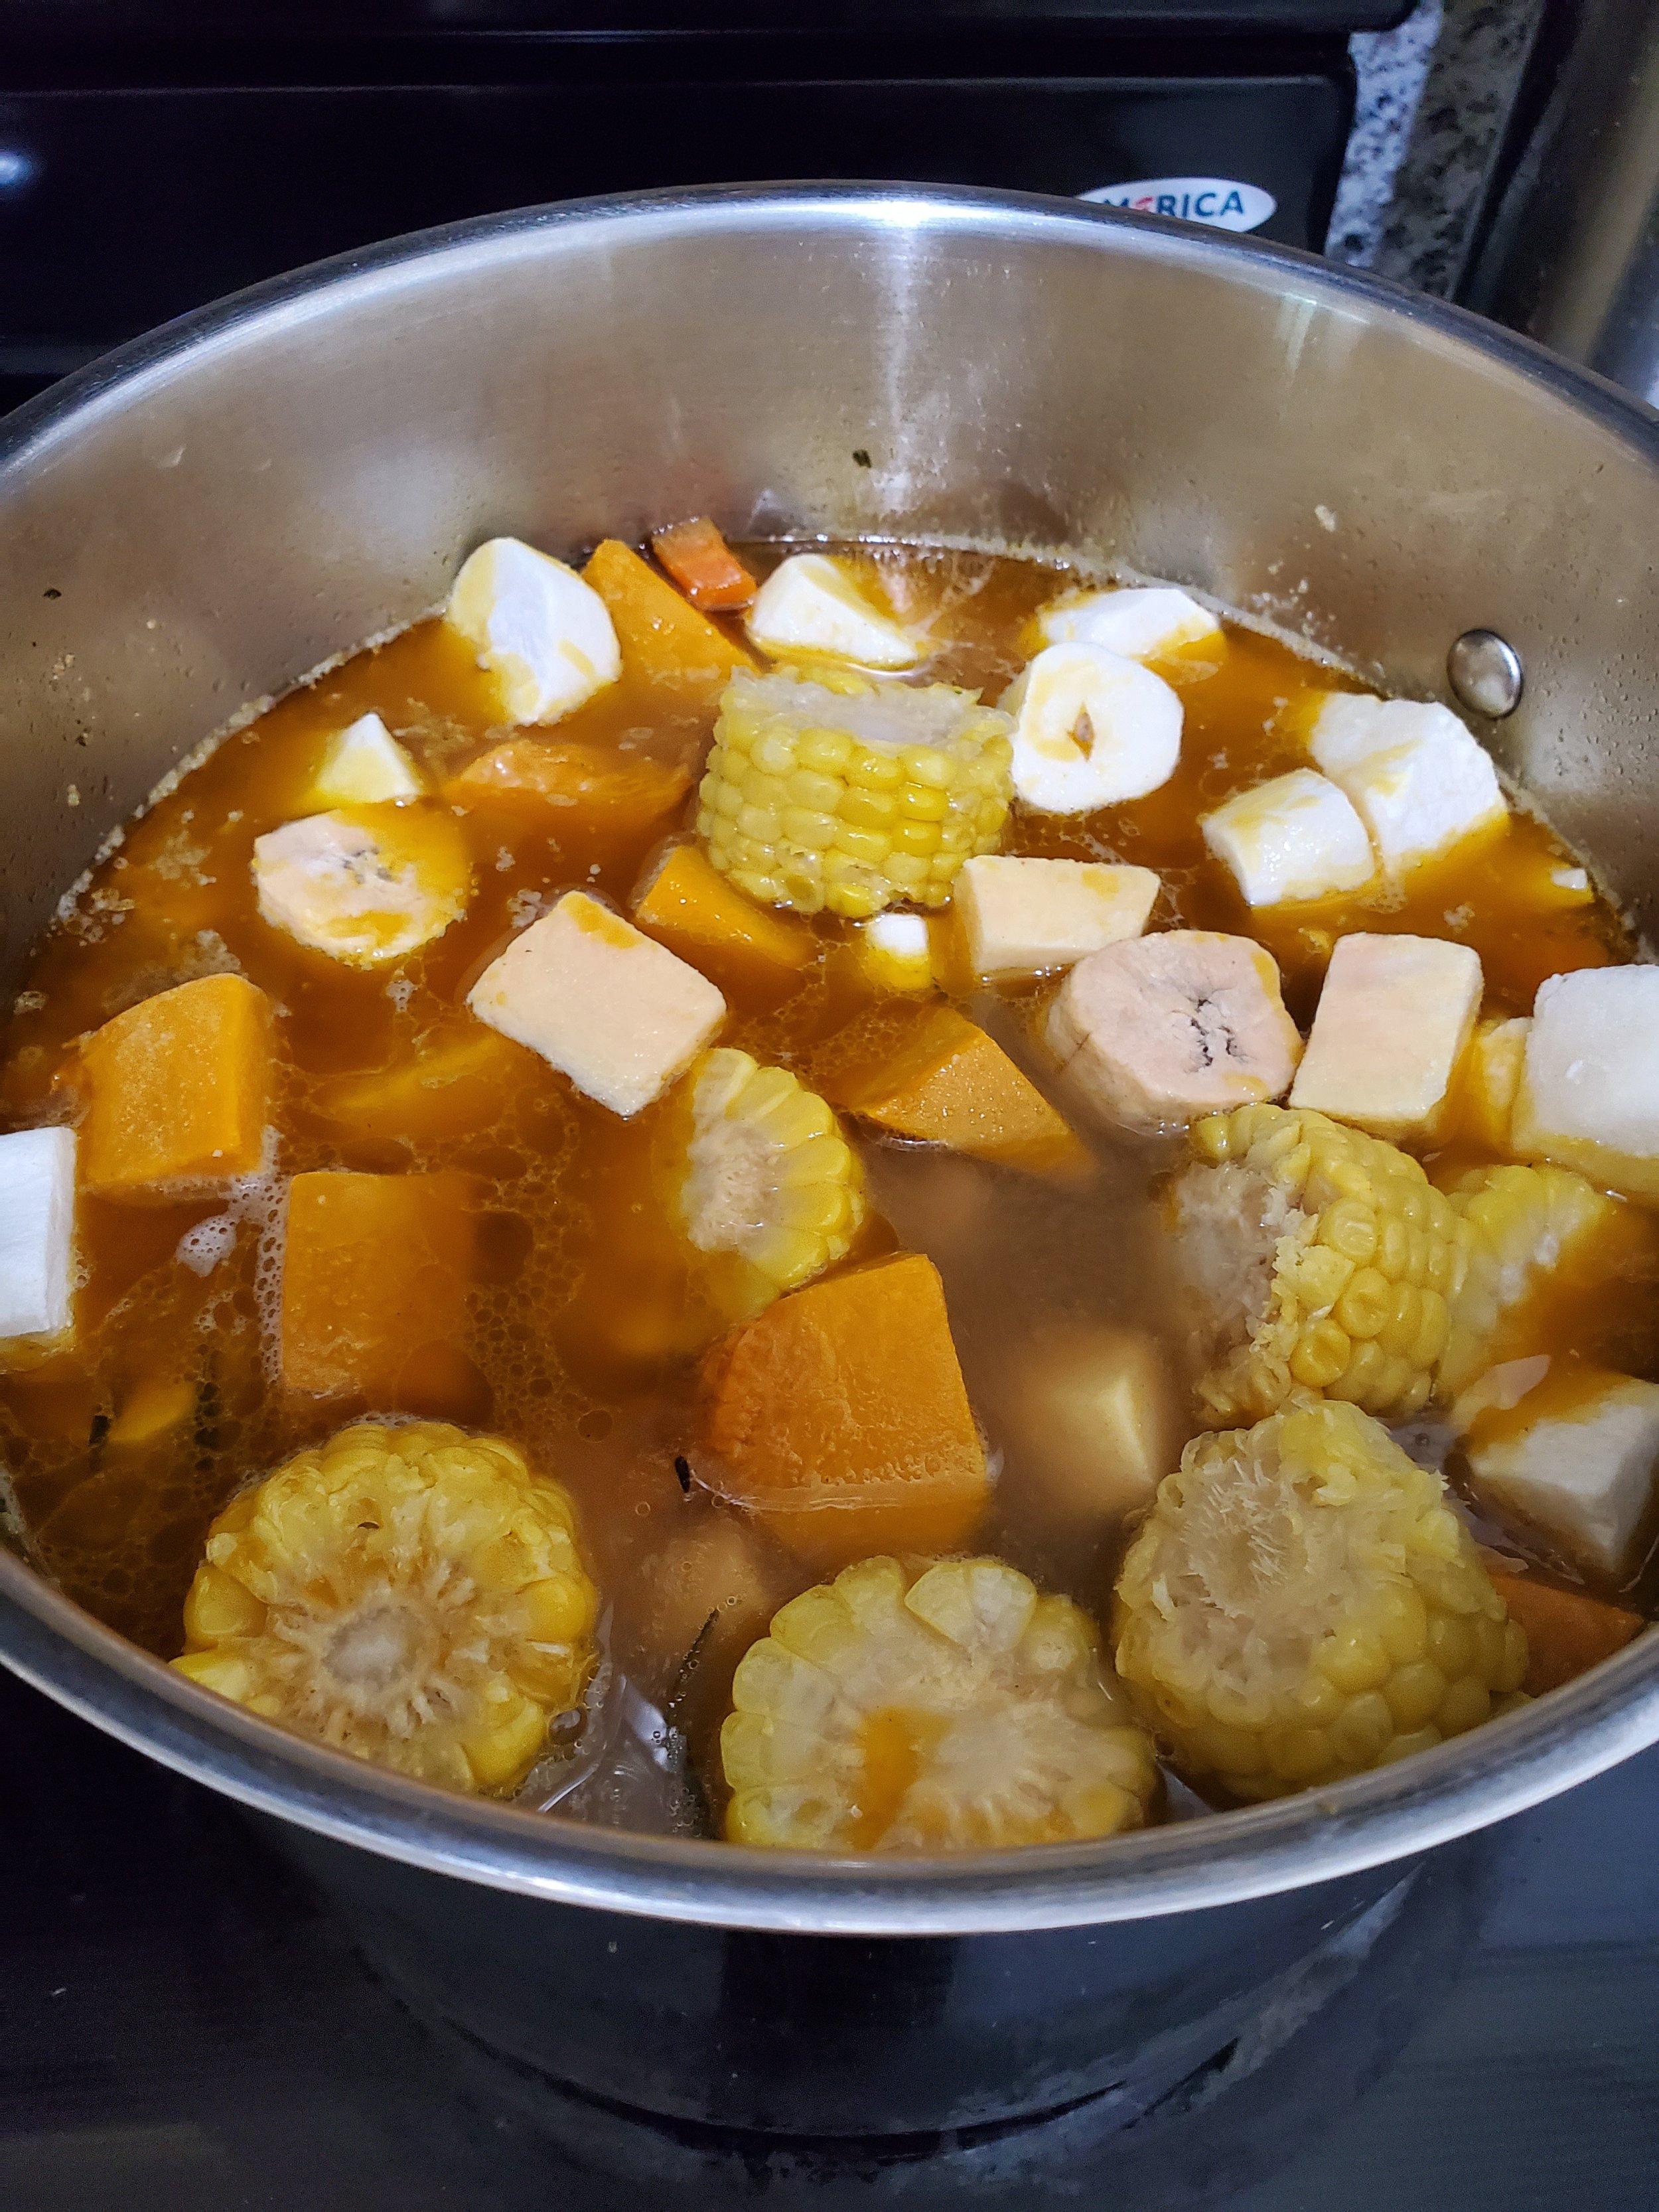 Add sancocho mix